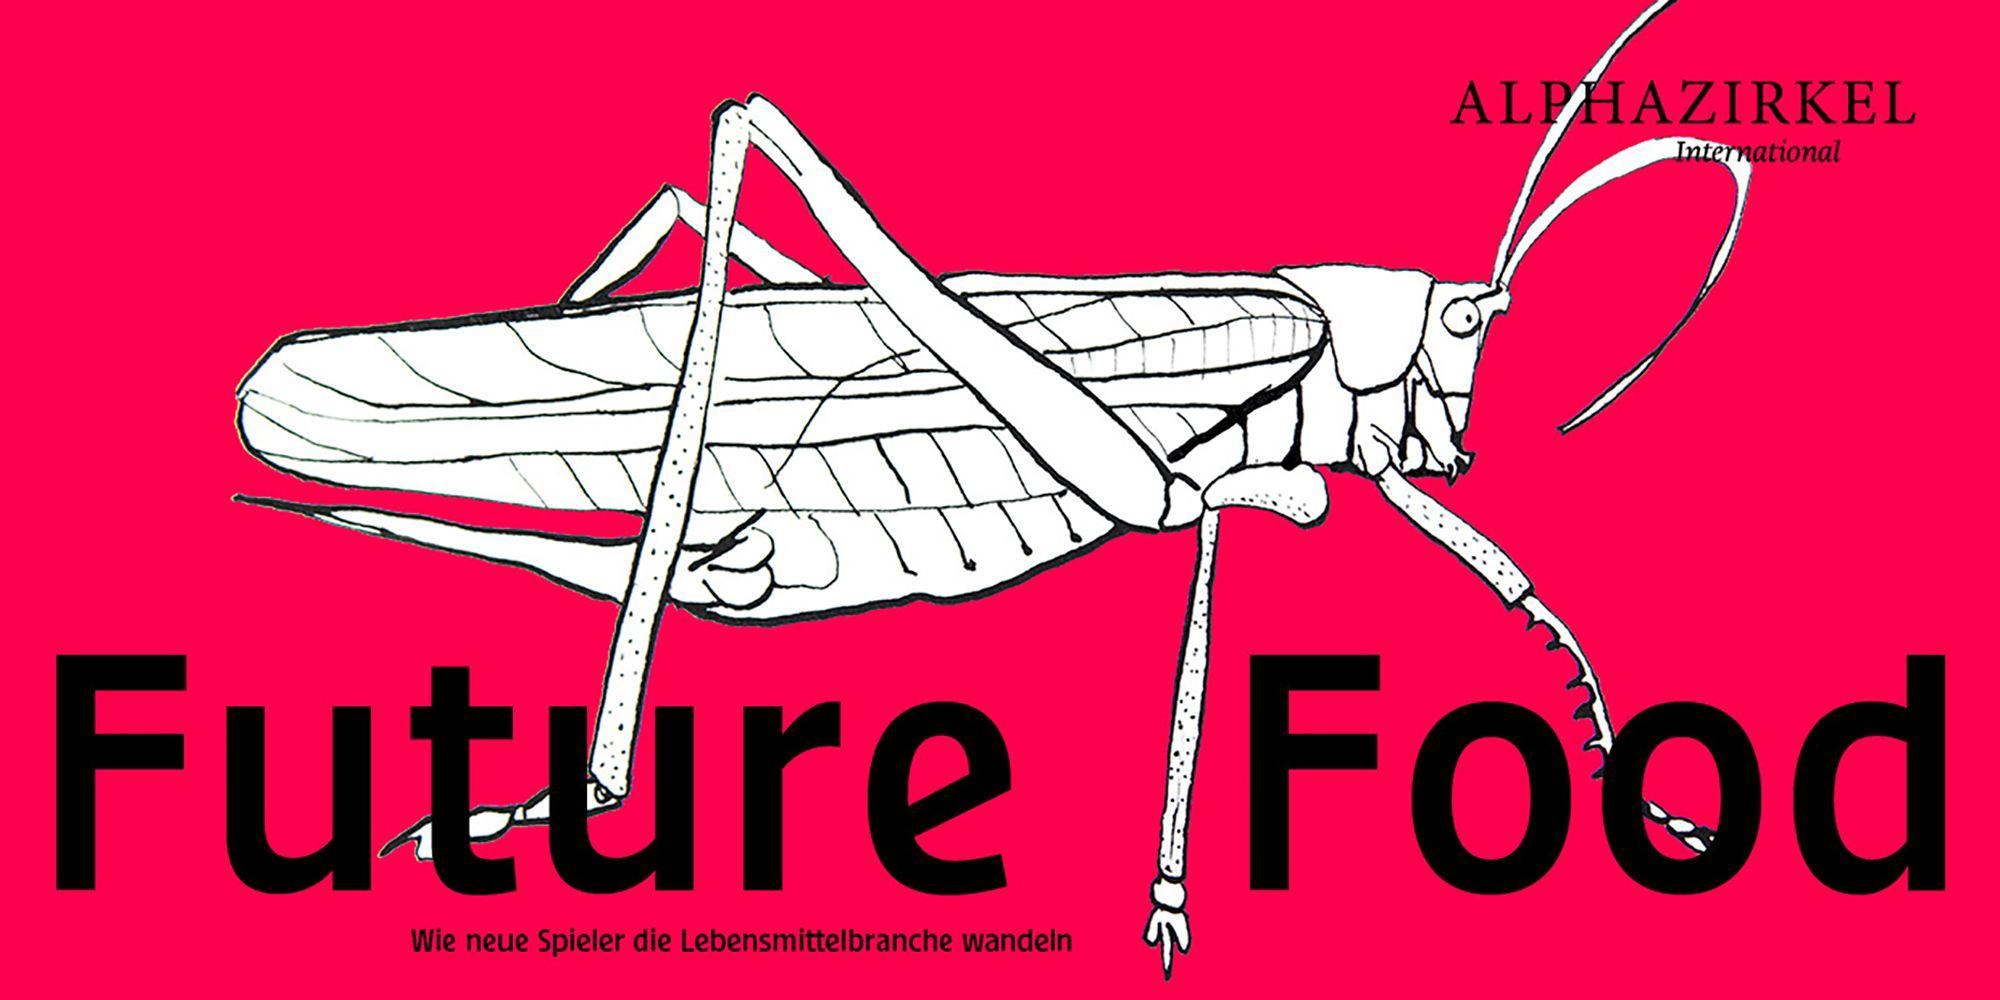 Az Futurefood 0318